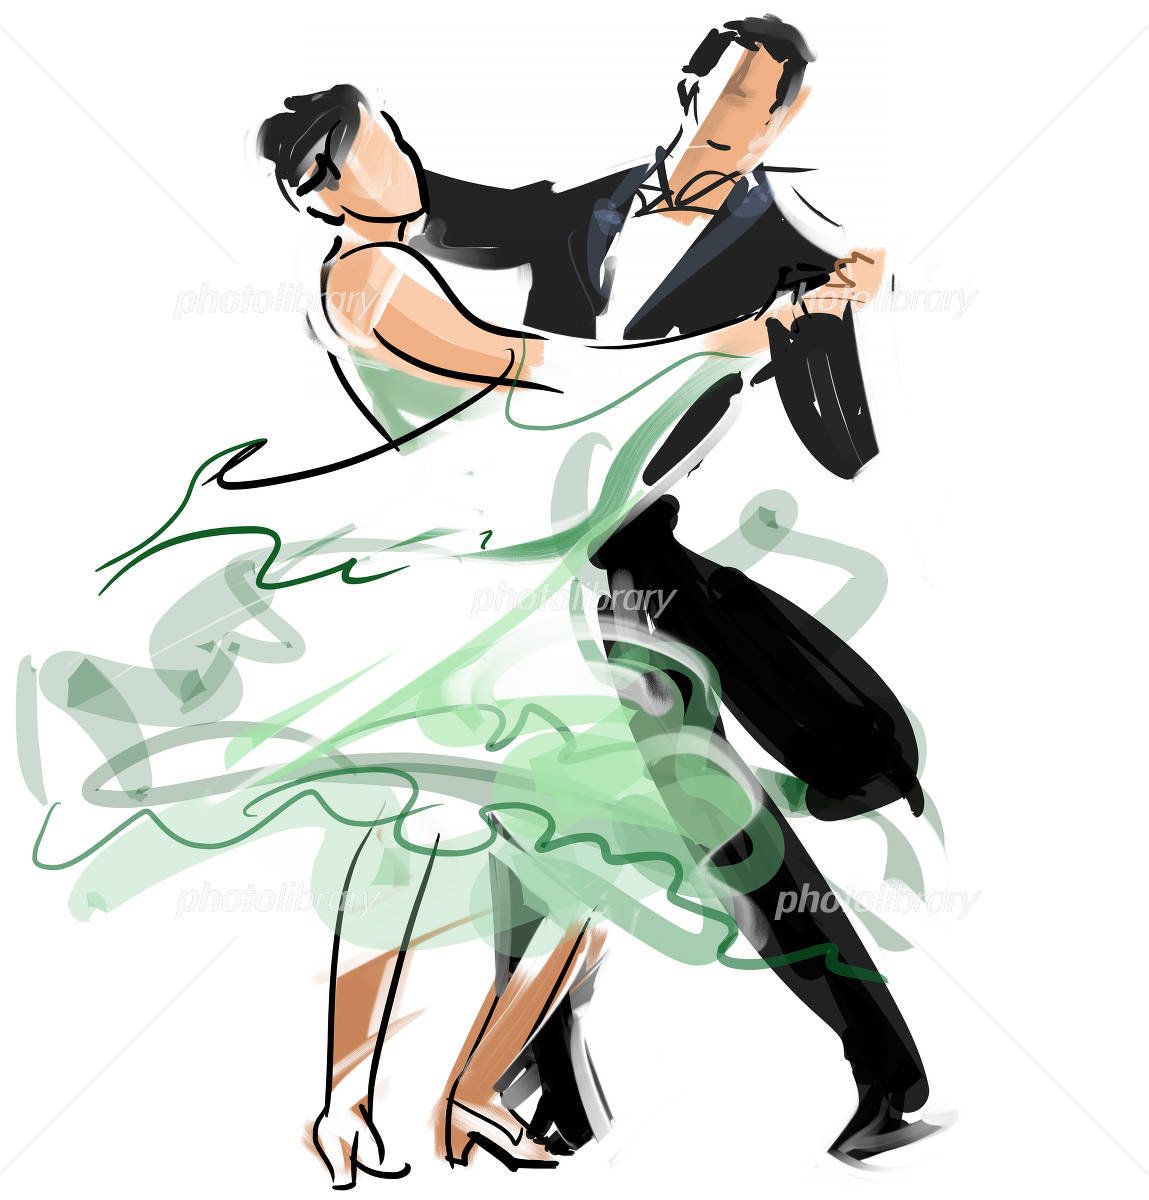 社交ダンス イラスト素材 2183050 フォトライブラリー Photolibrary